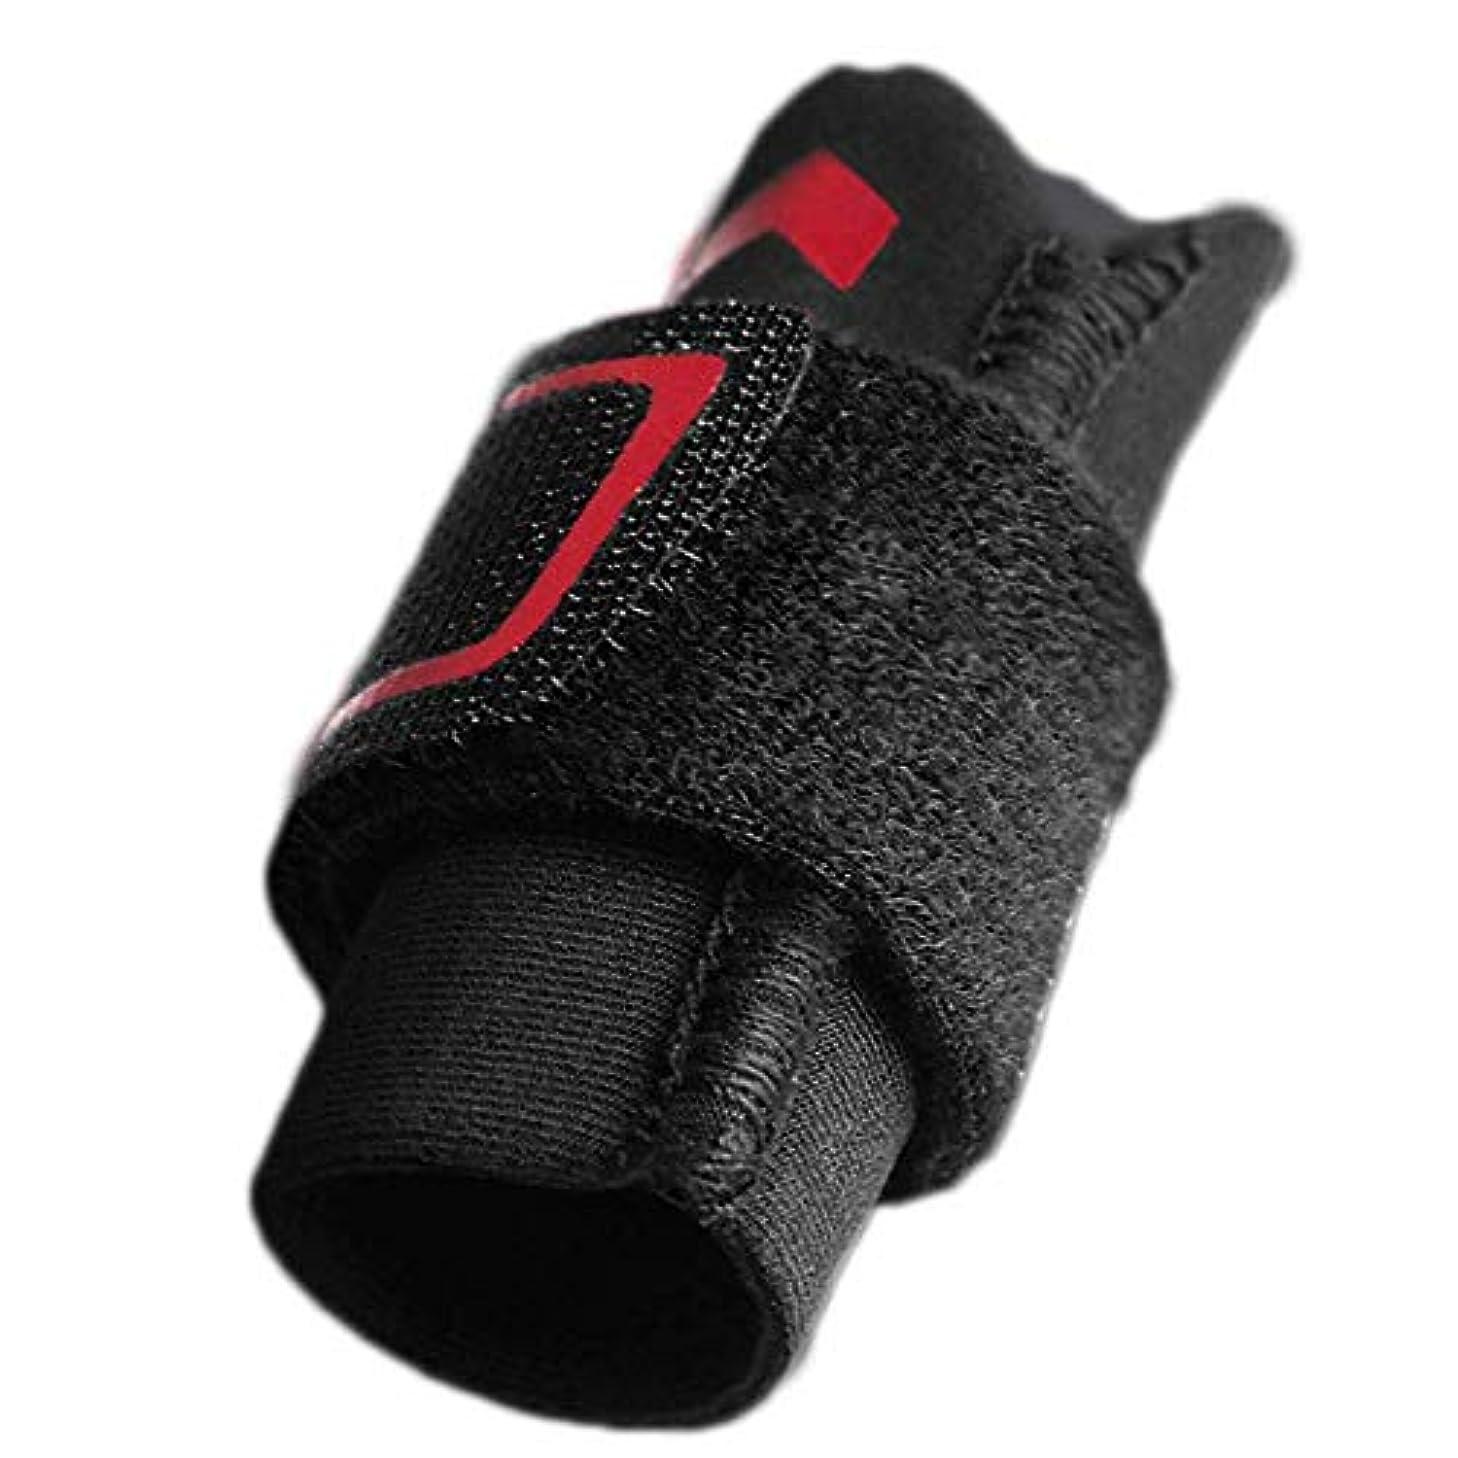 怠ルビー保険指の損傷のサポート、指スリーブのサポートプロテクターの指の添え木、調整可能なベルクロ、関節痛の緩和,L